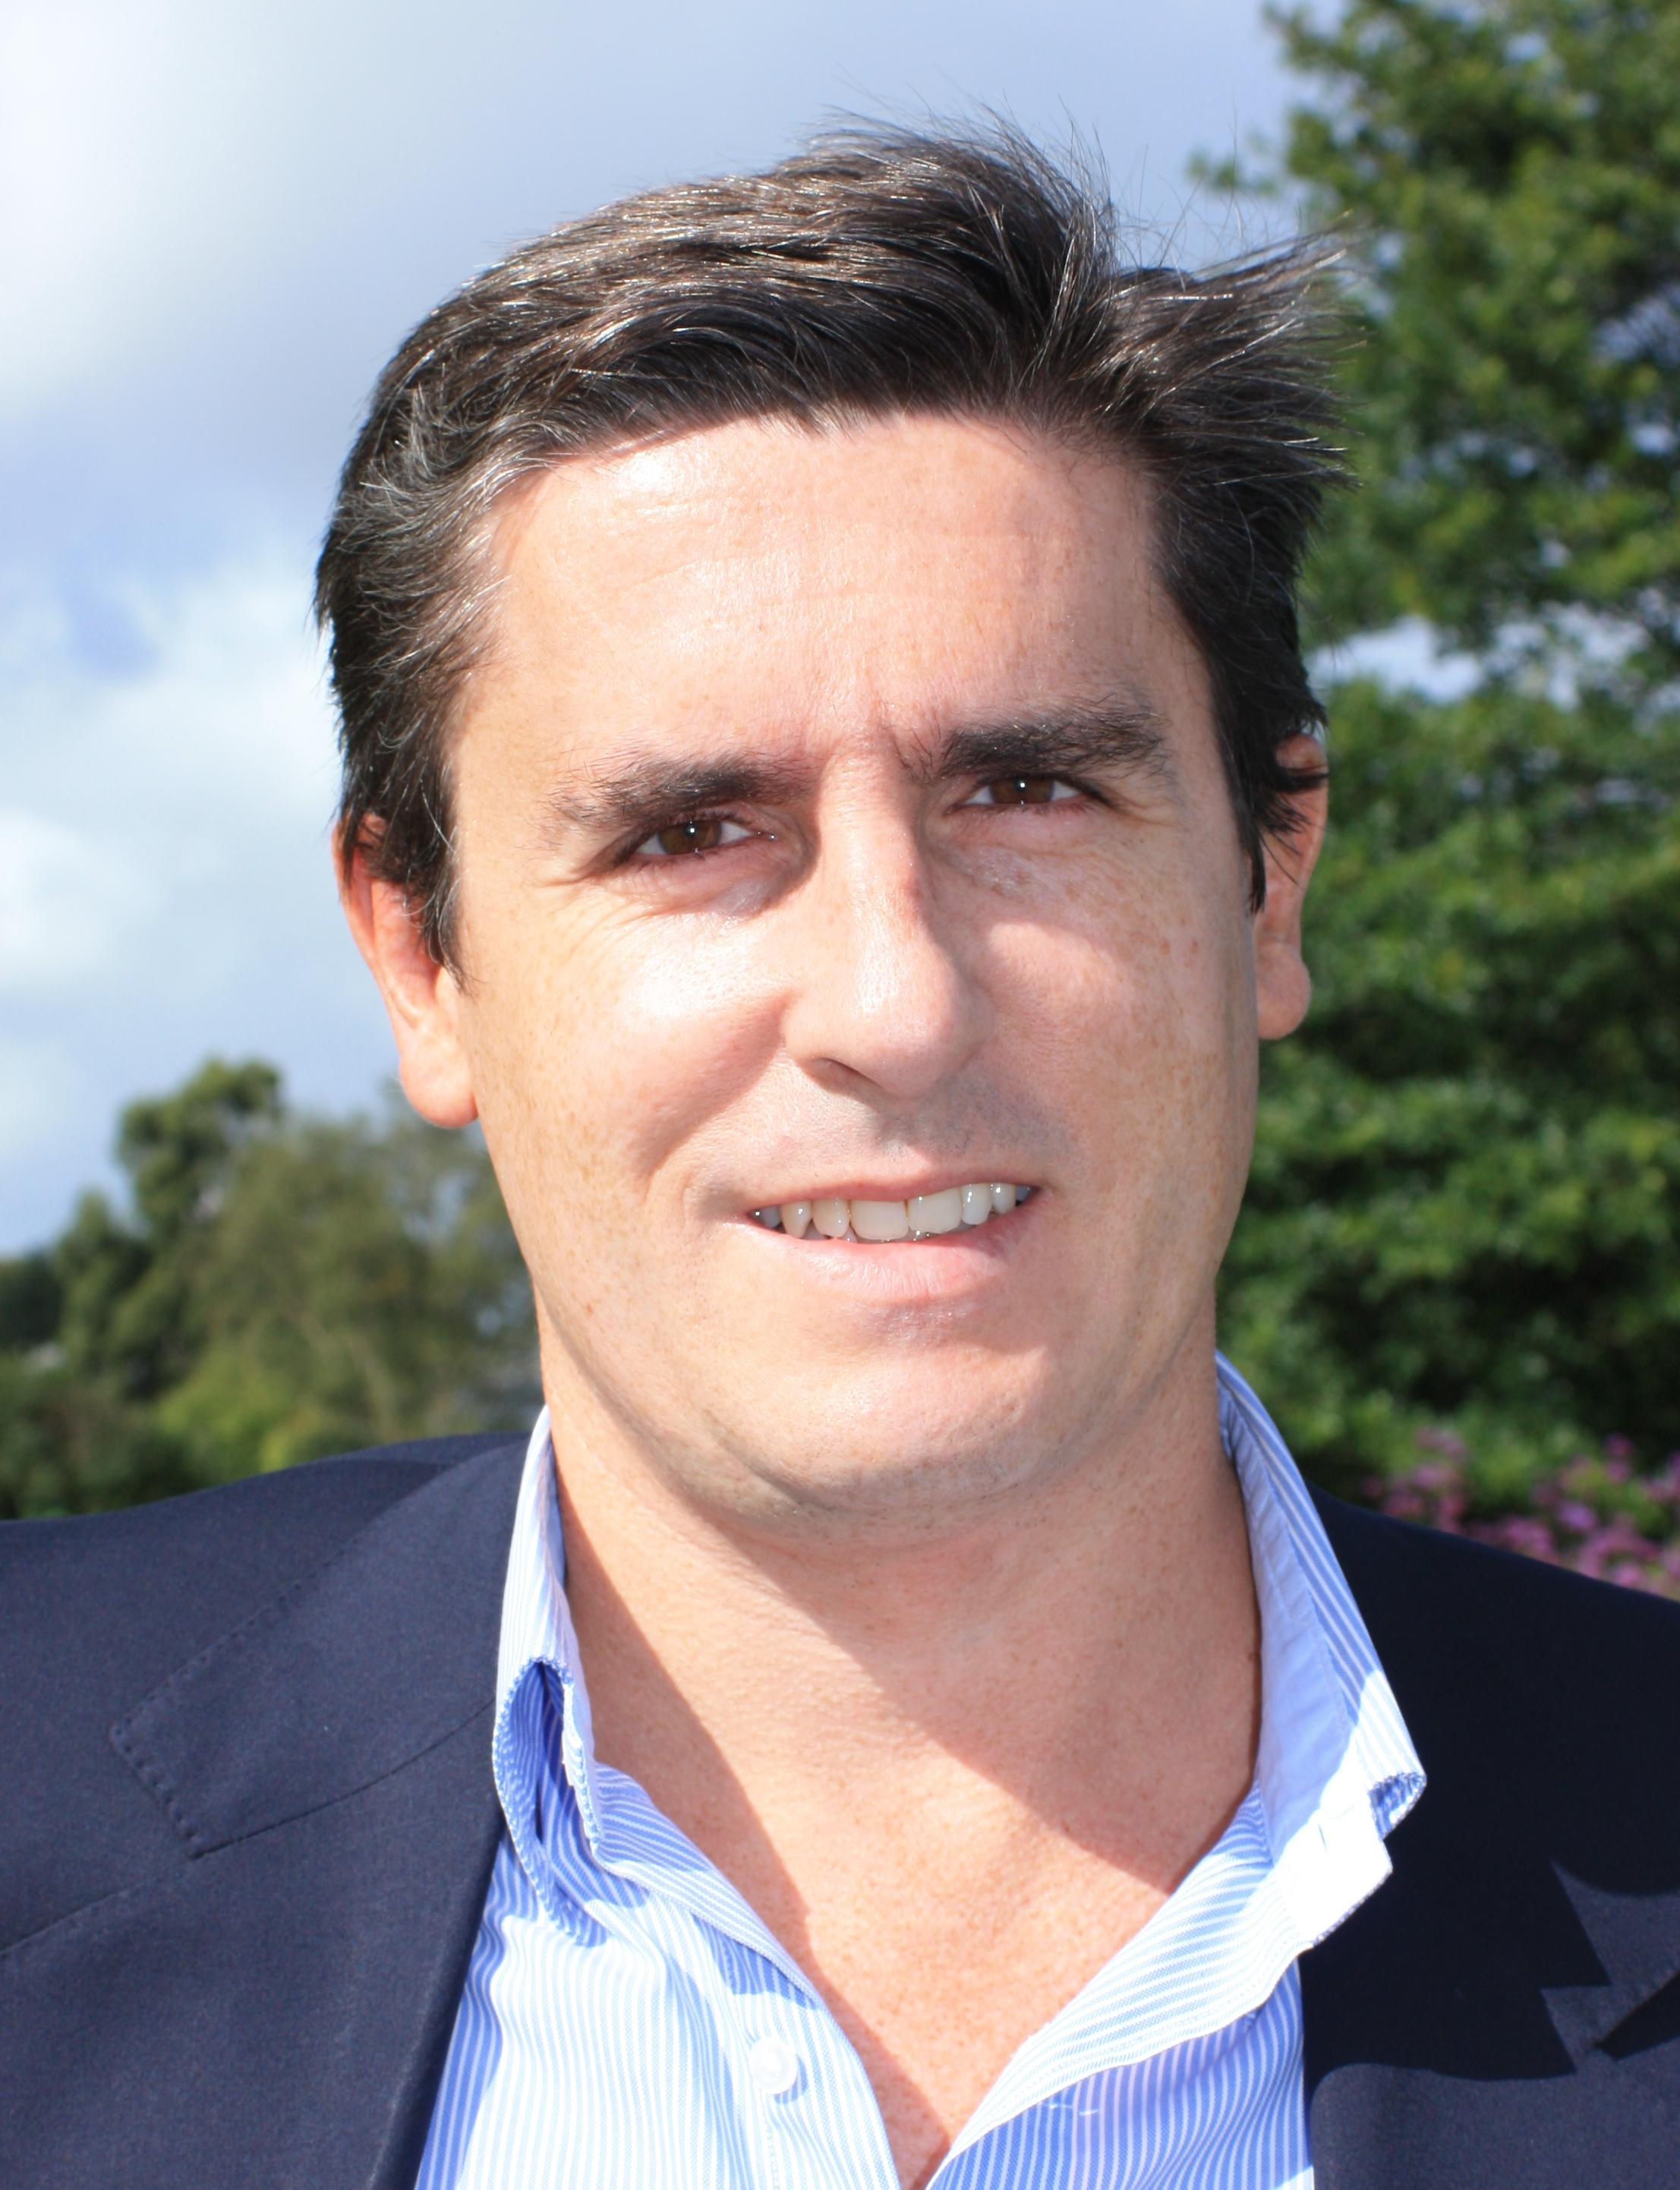 David Melcon Sanchez-Friera é o novo CFO da Telefônica Brasil. Foto: divulgação